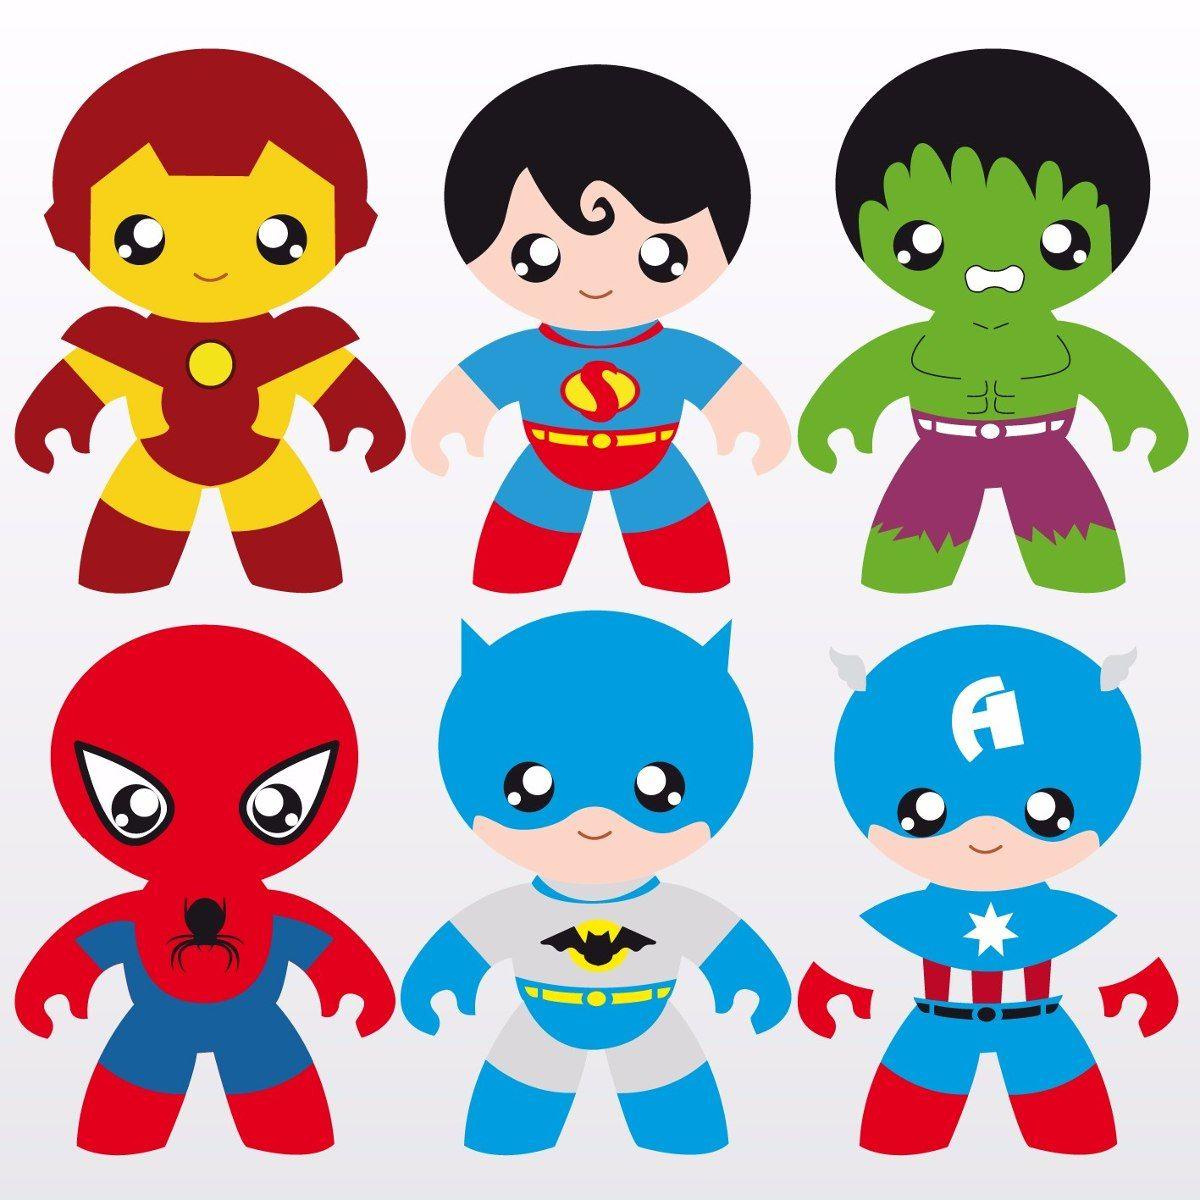 Vinilos decorativos infantiles superheroes 882301 for Vinilos decorativos infantiles